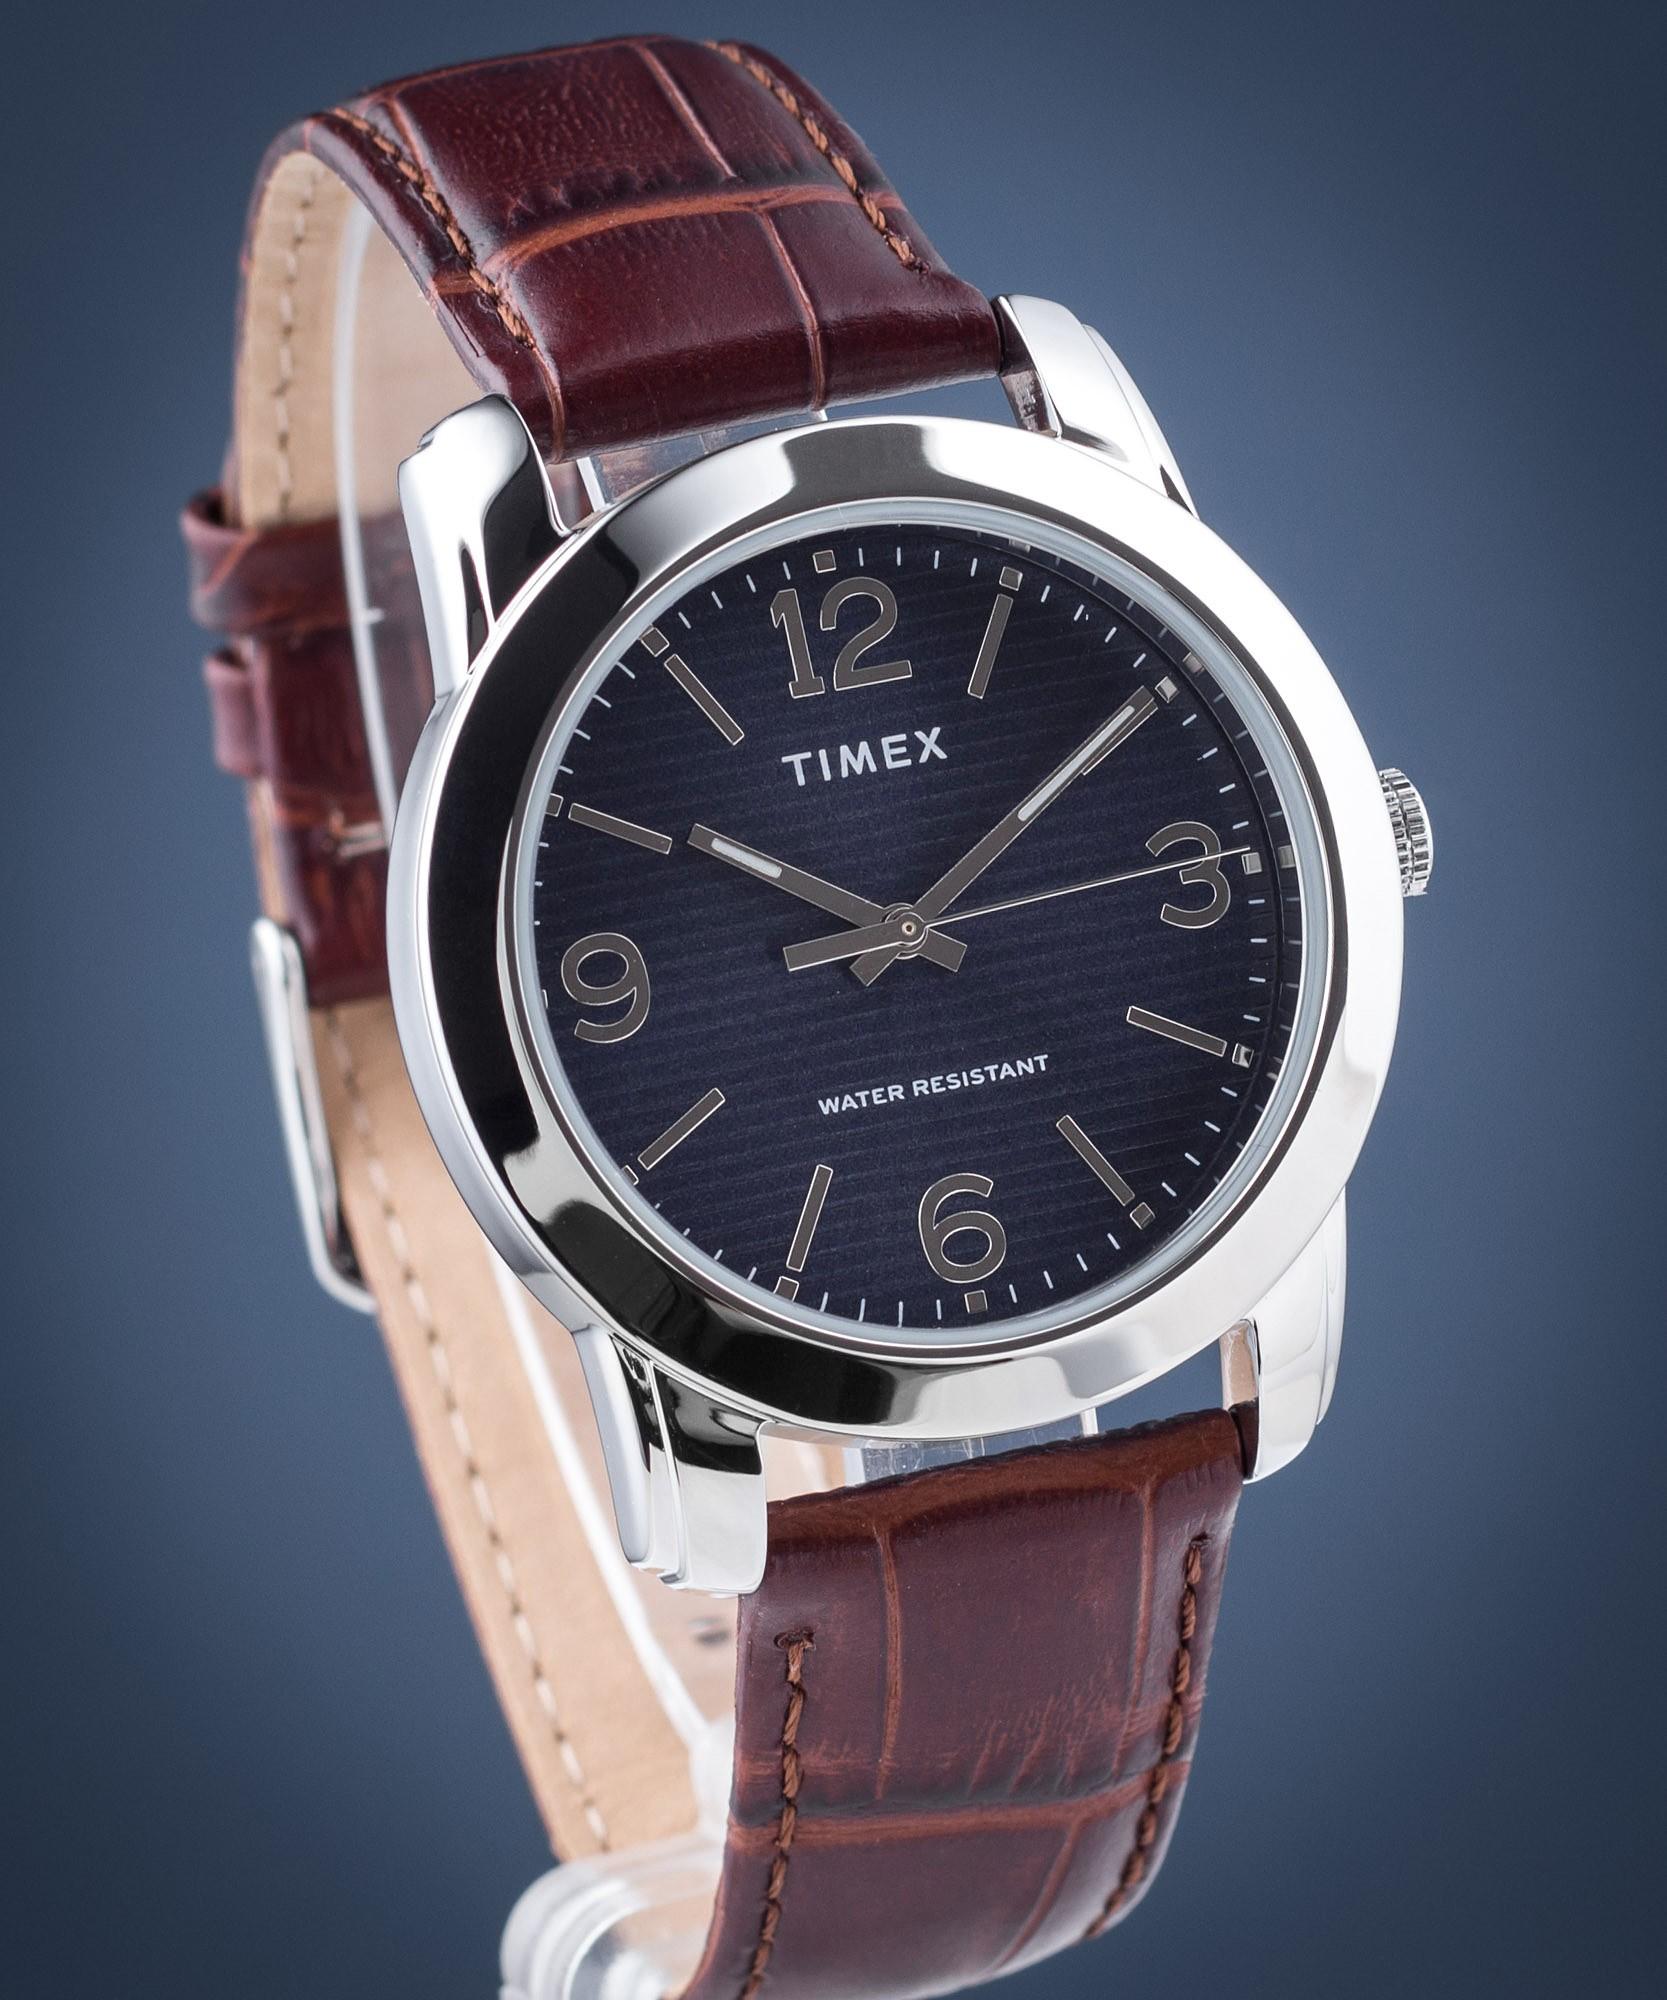 Zegarek męski Timex Classic TW2R86800 @Zegarownia